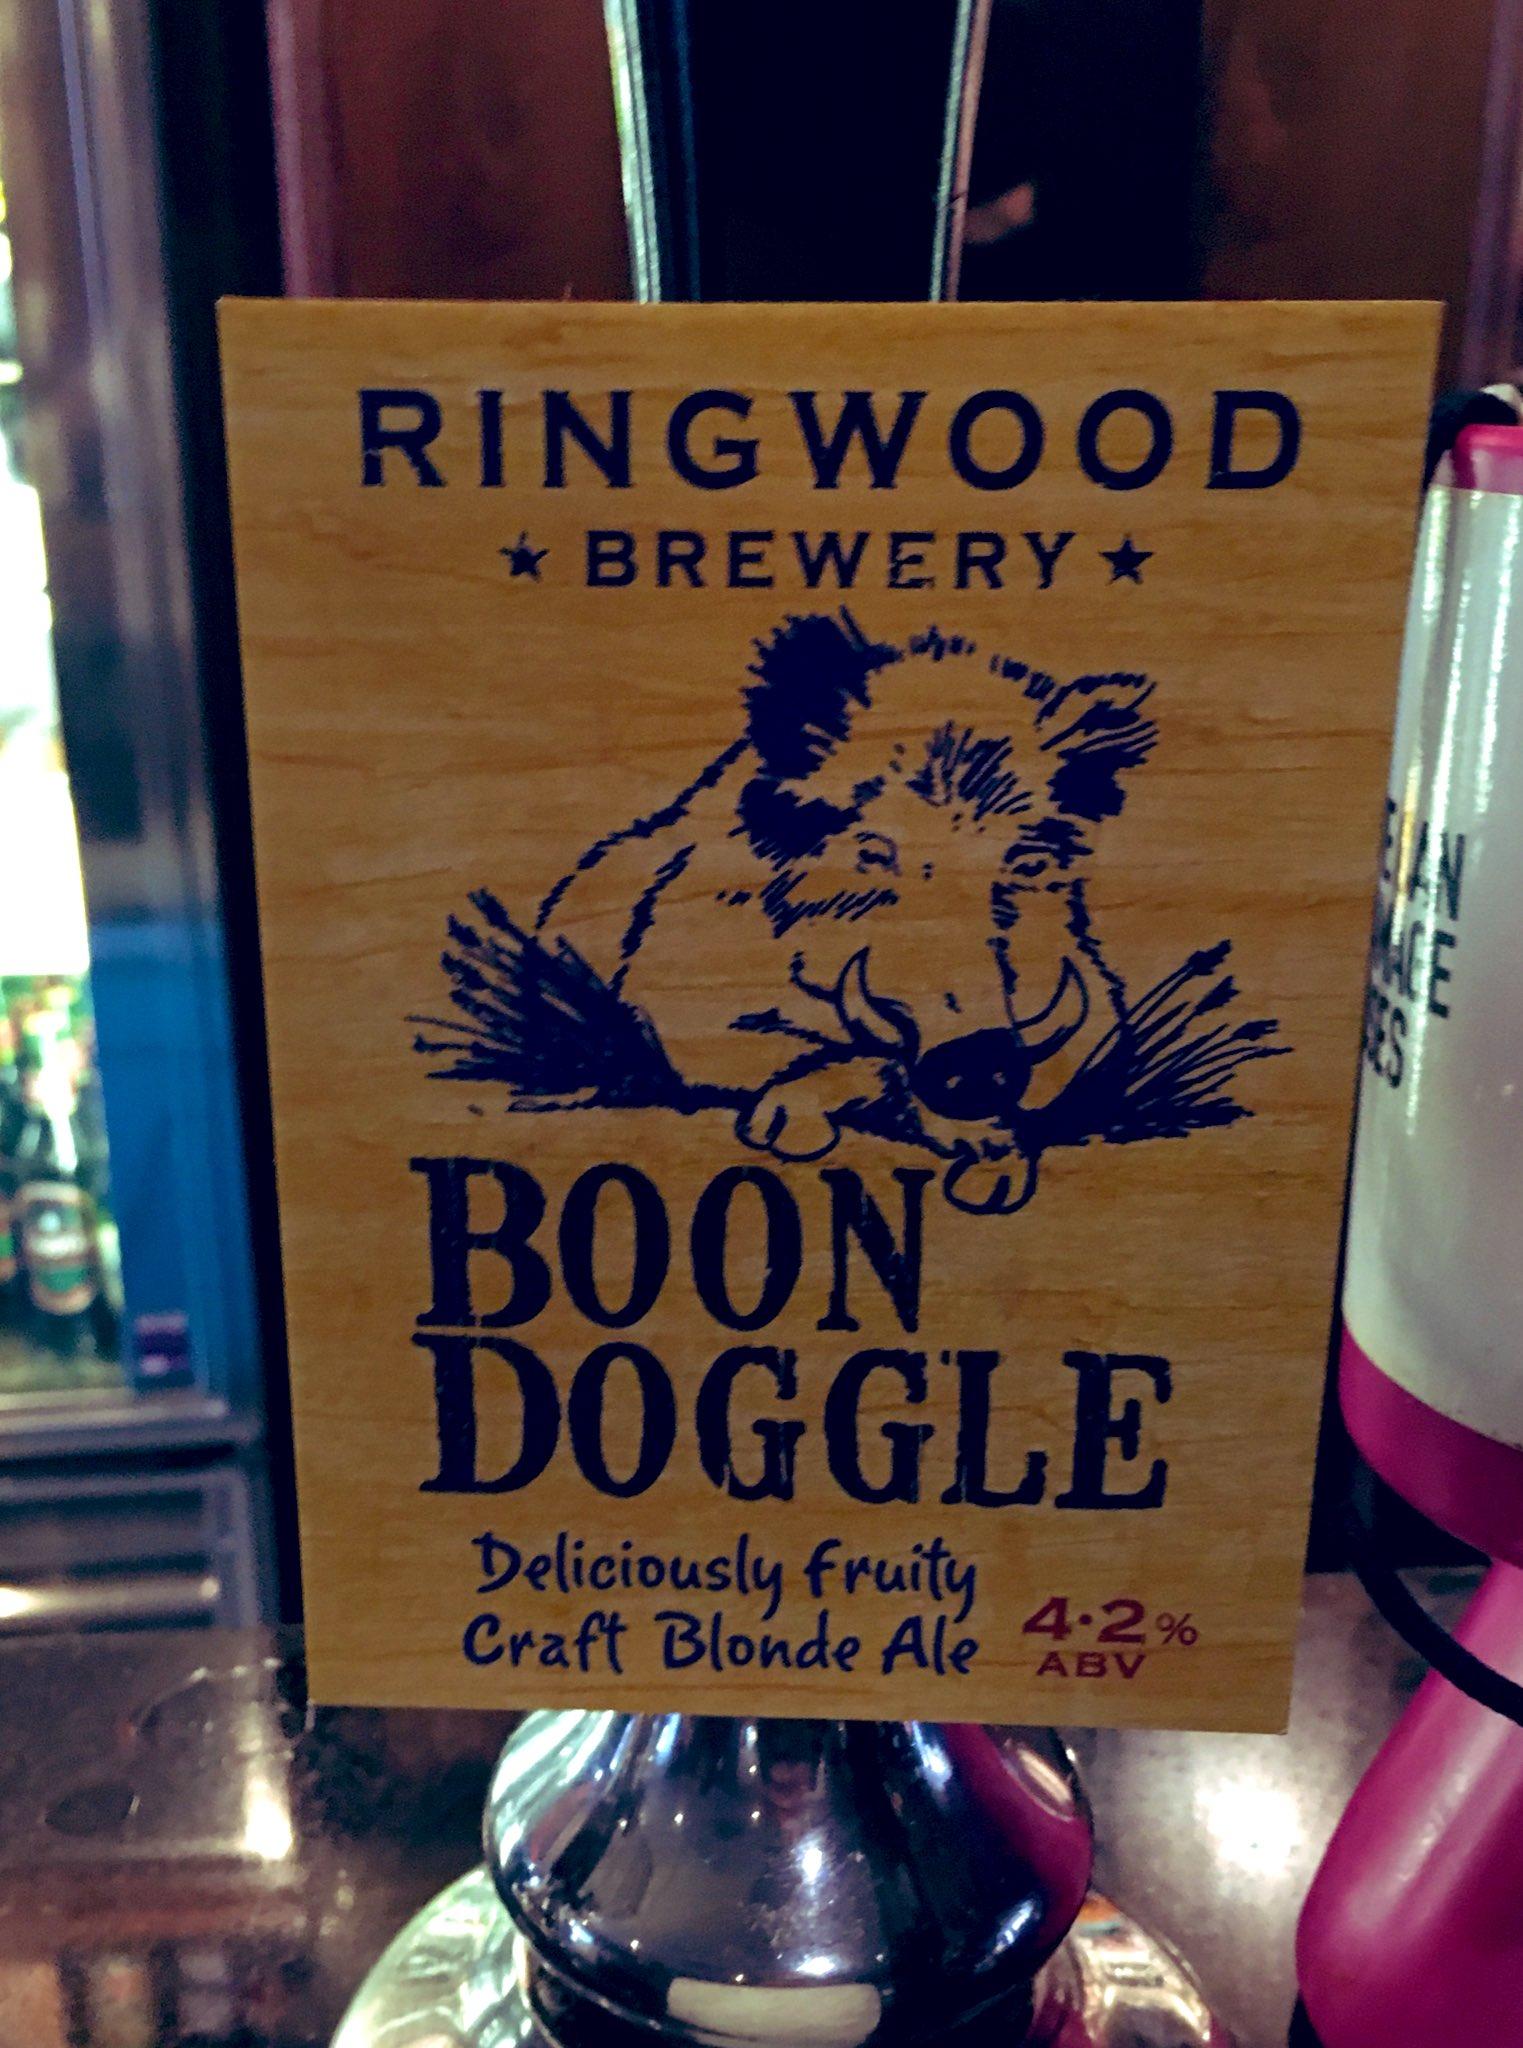 94: Boon Doggle